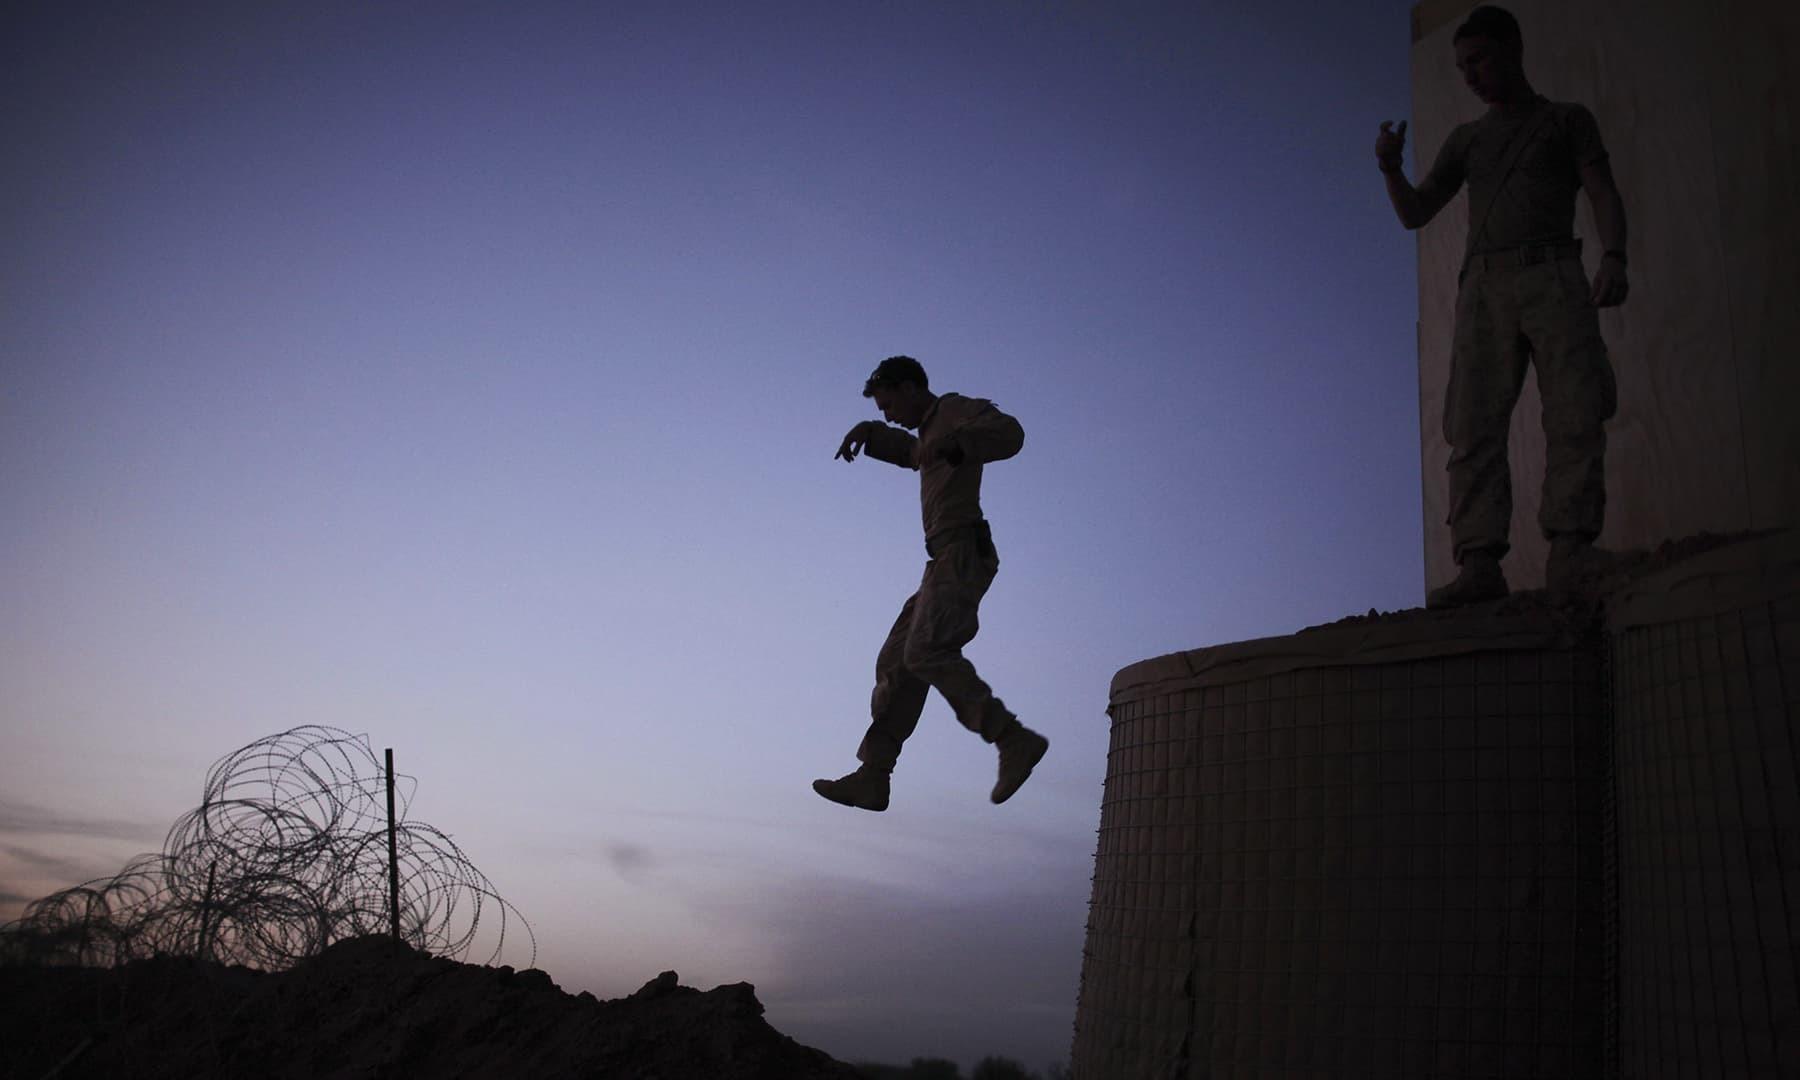 16 مارچ 2010 کو ہلمند میں فوجی تربیتی مشن میں مصروف ہیں—فائل/فوٹو: اے ایف پی